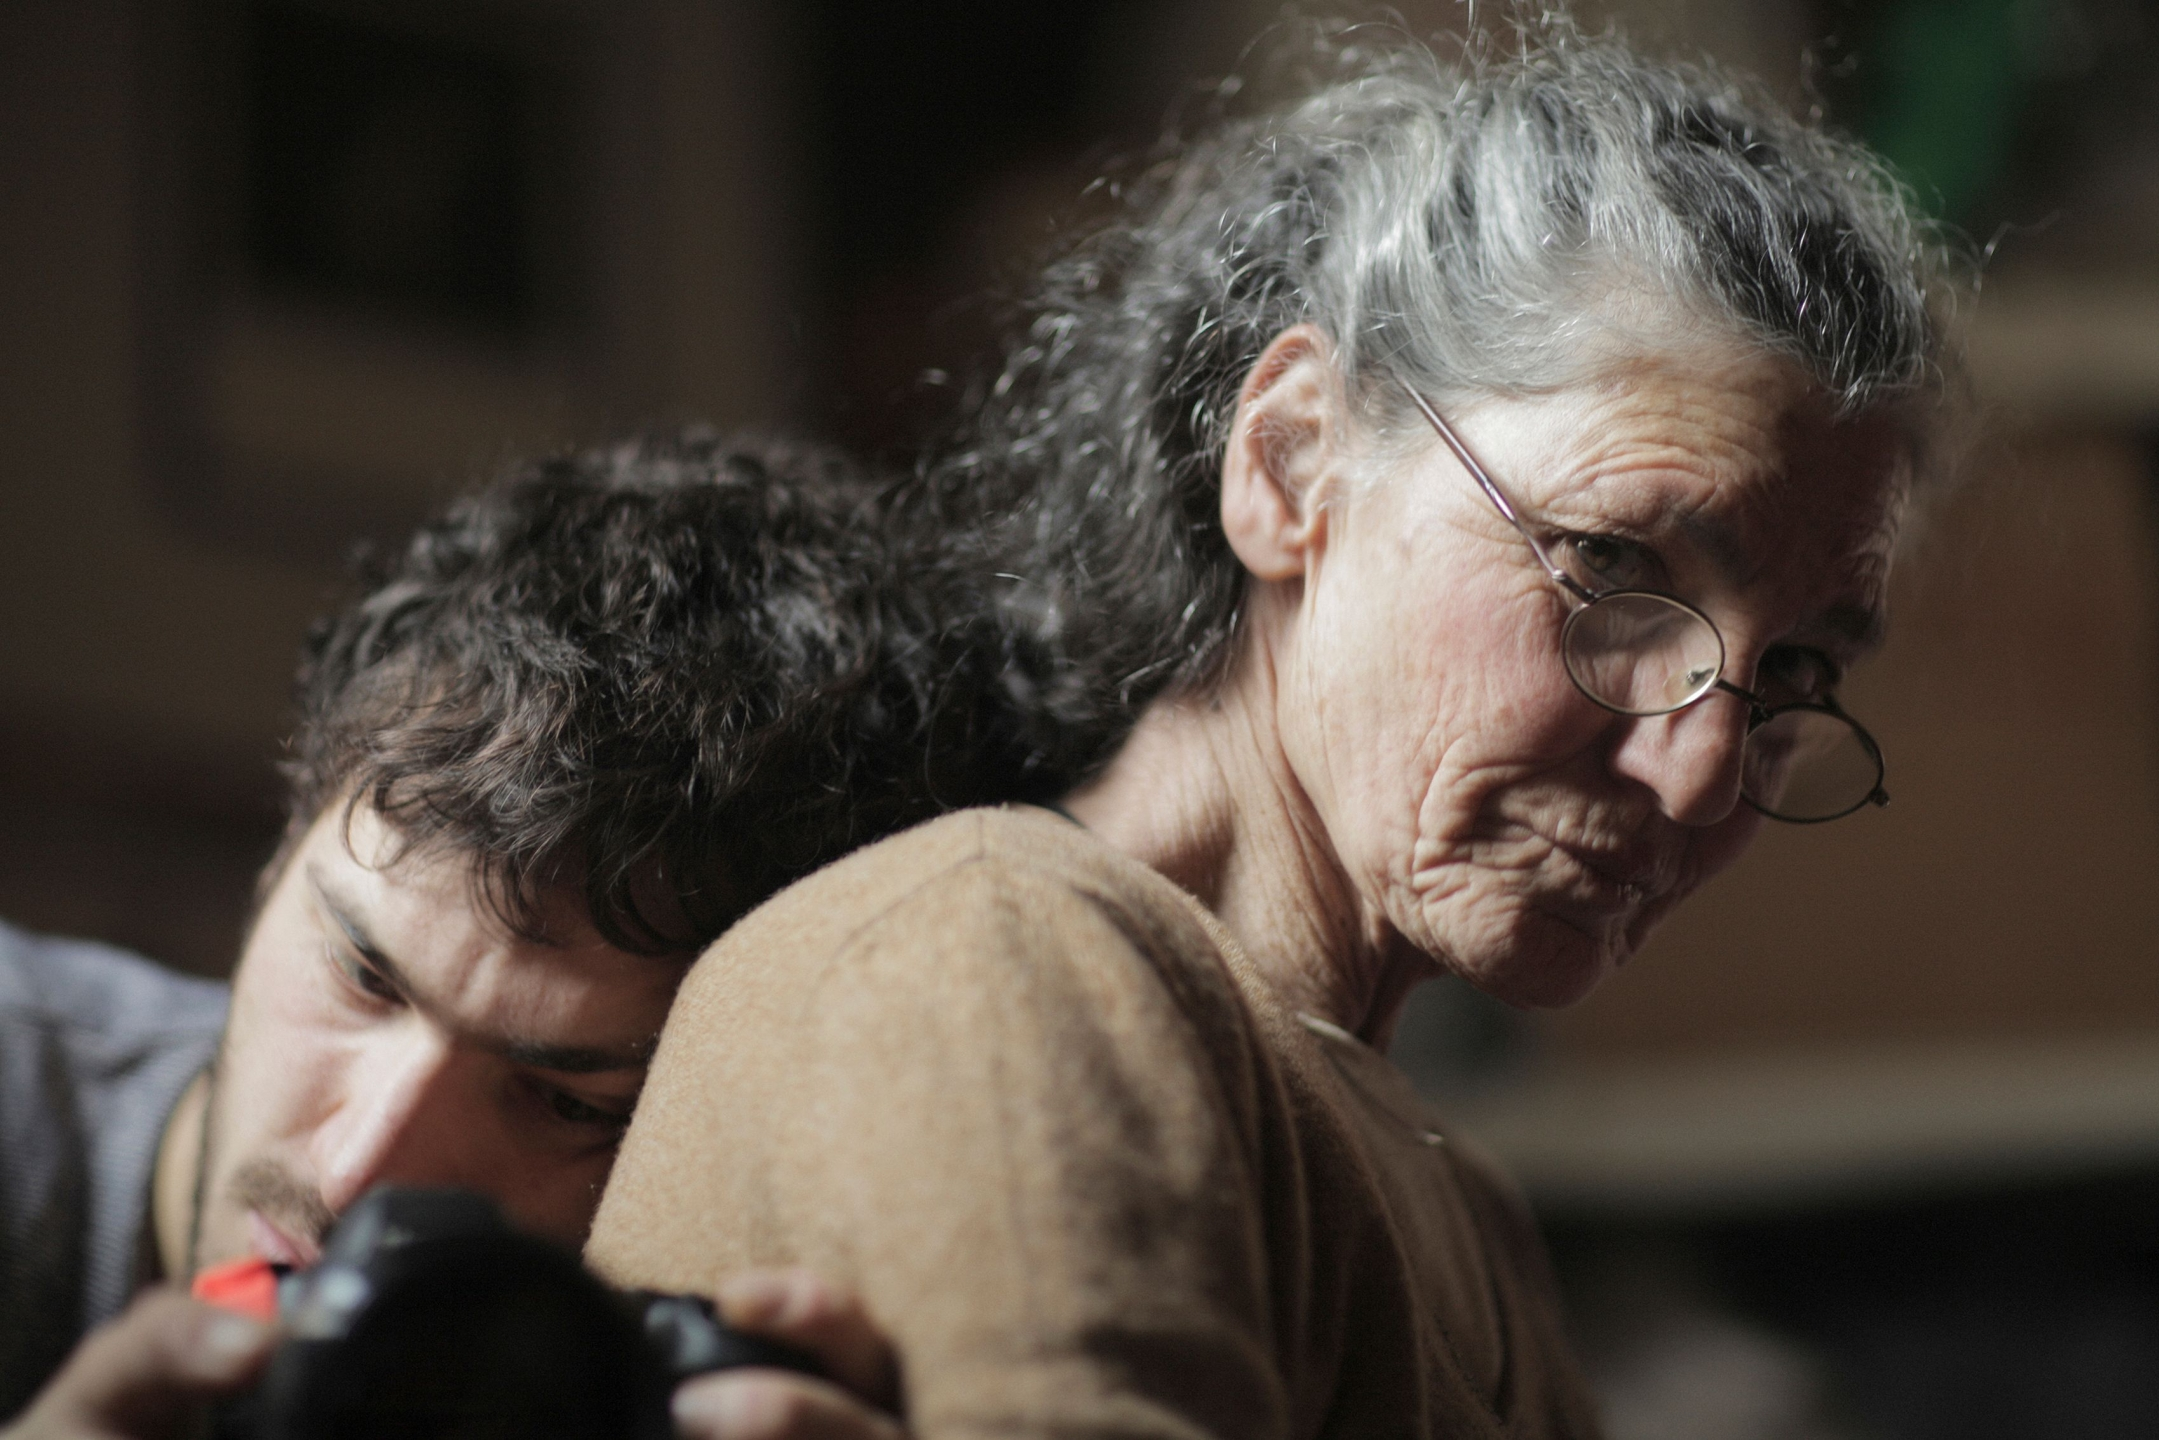 foto-film-la-scomparsa-figlio-madre.jpeg